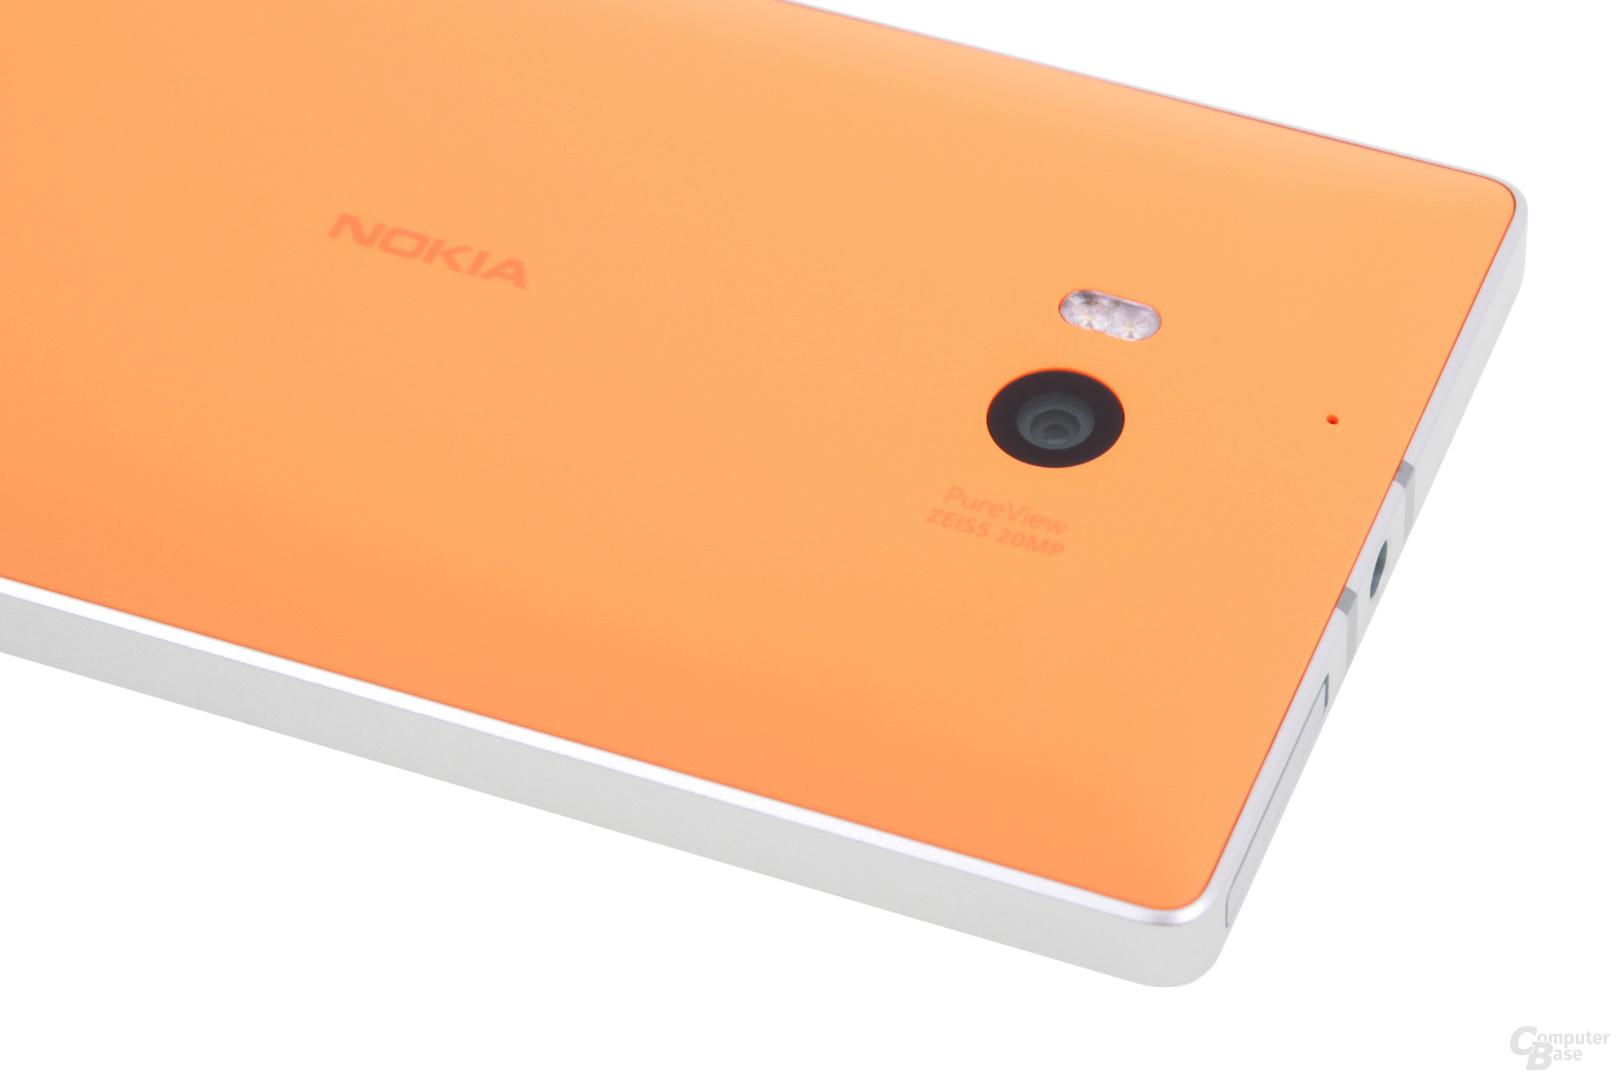 Rückseite in Neon-Orange